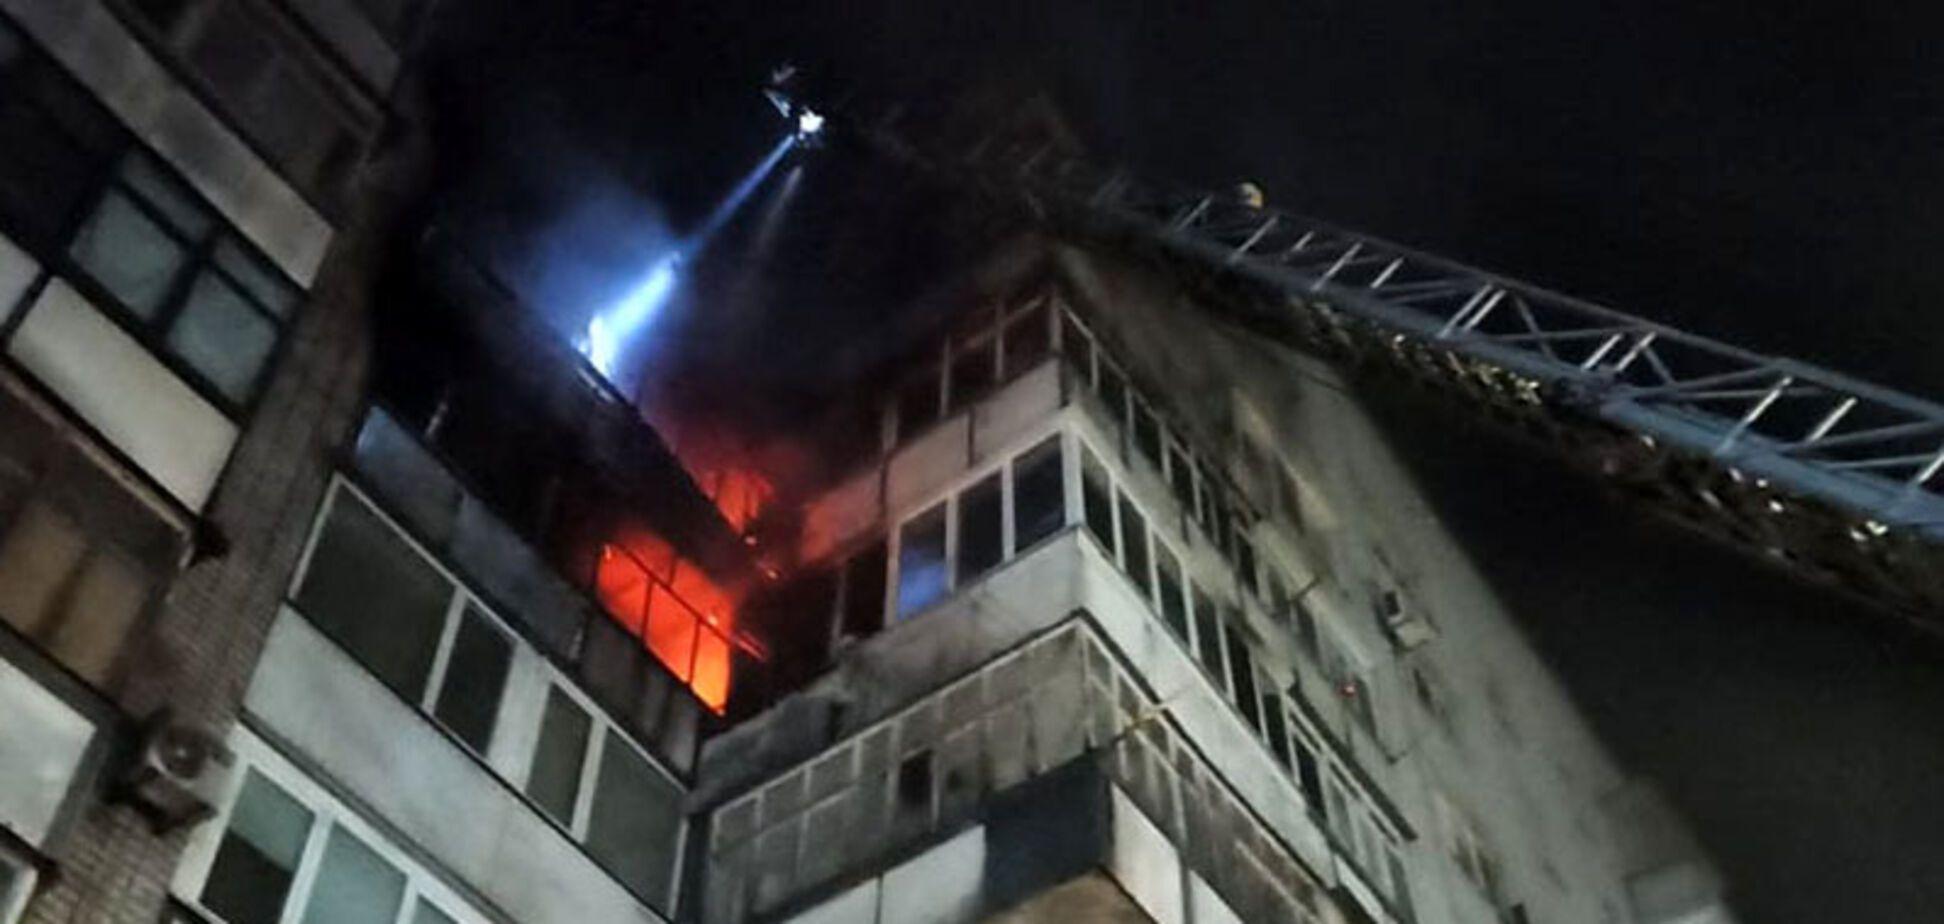 Под Днепром в многоэтажке огонь охватил несколько этажей: спасатели эвакуировали людей